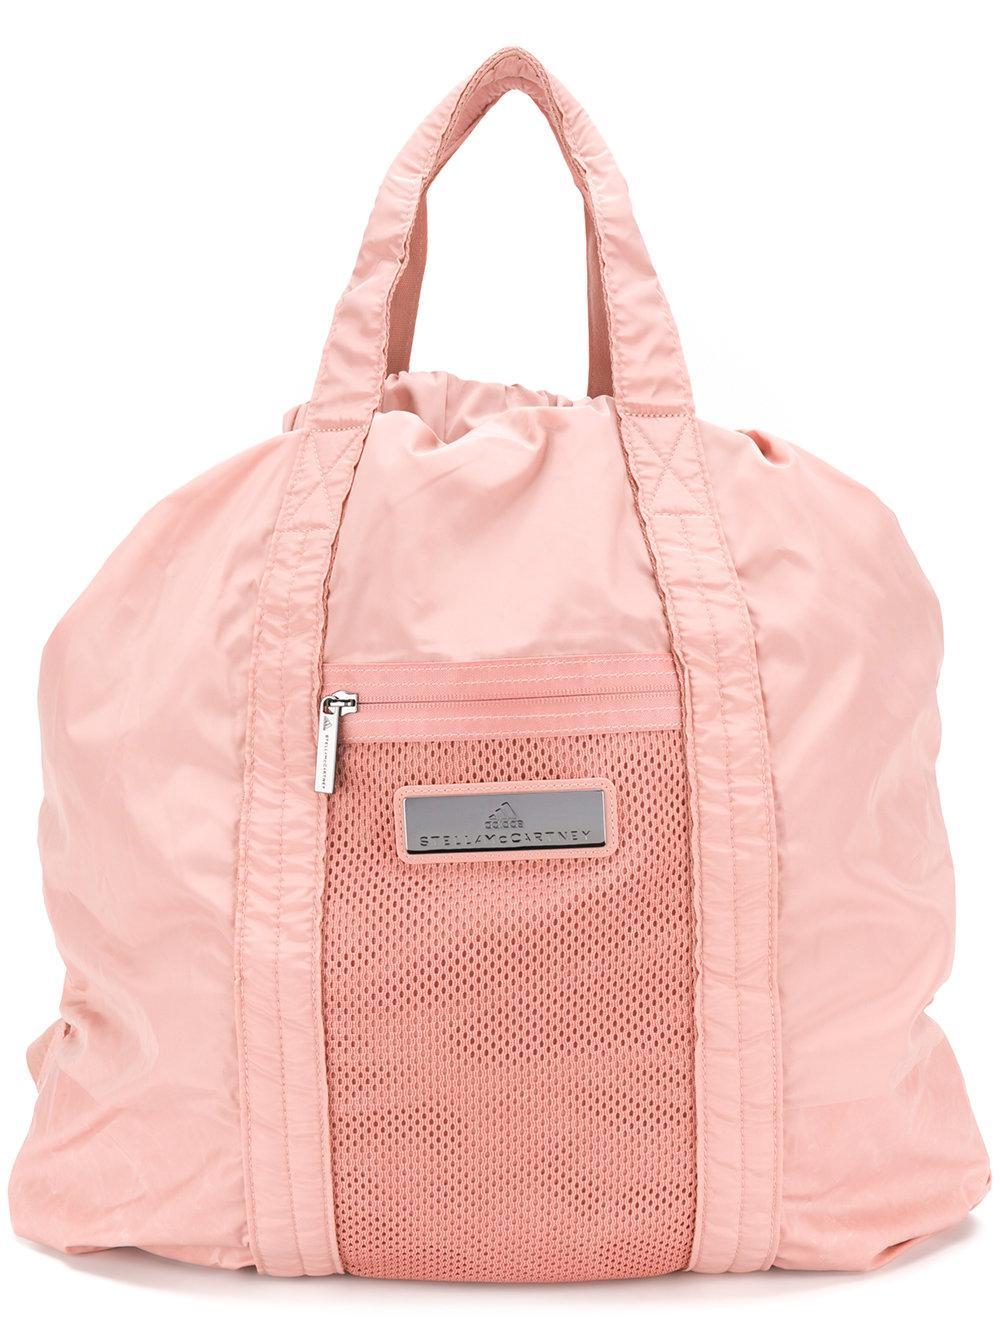 buy popular 4955b 64ec0 Adidas By Stella Mccartney Blush Cinnamon Gym Sack In Cinnamon Blush